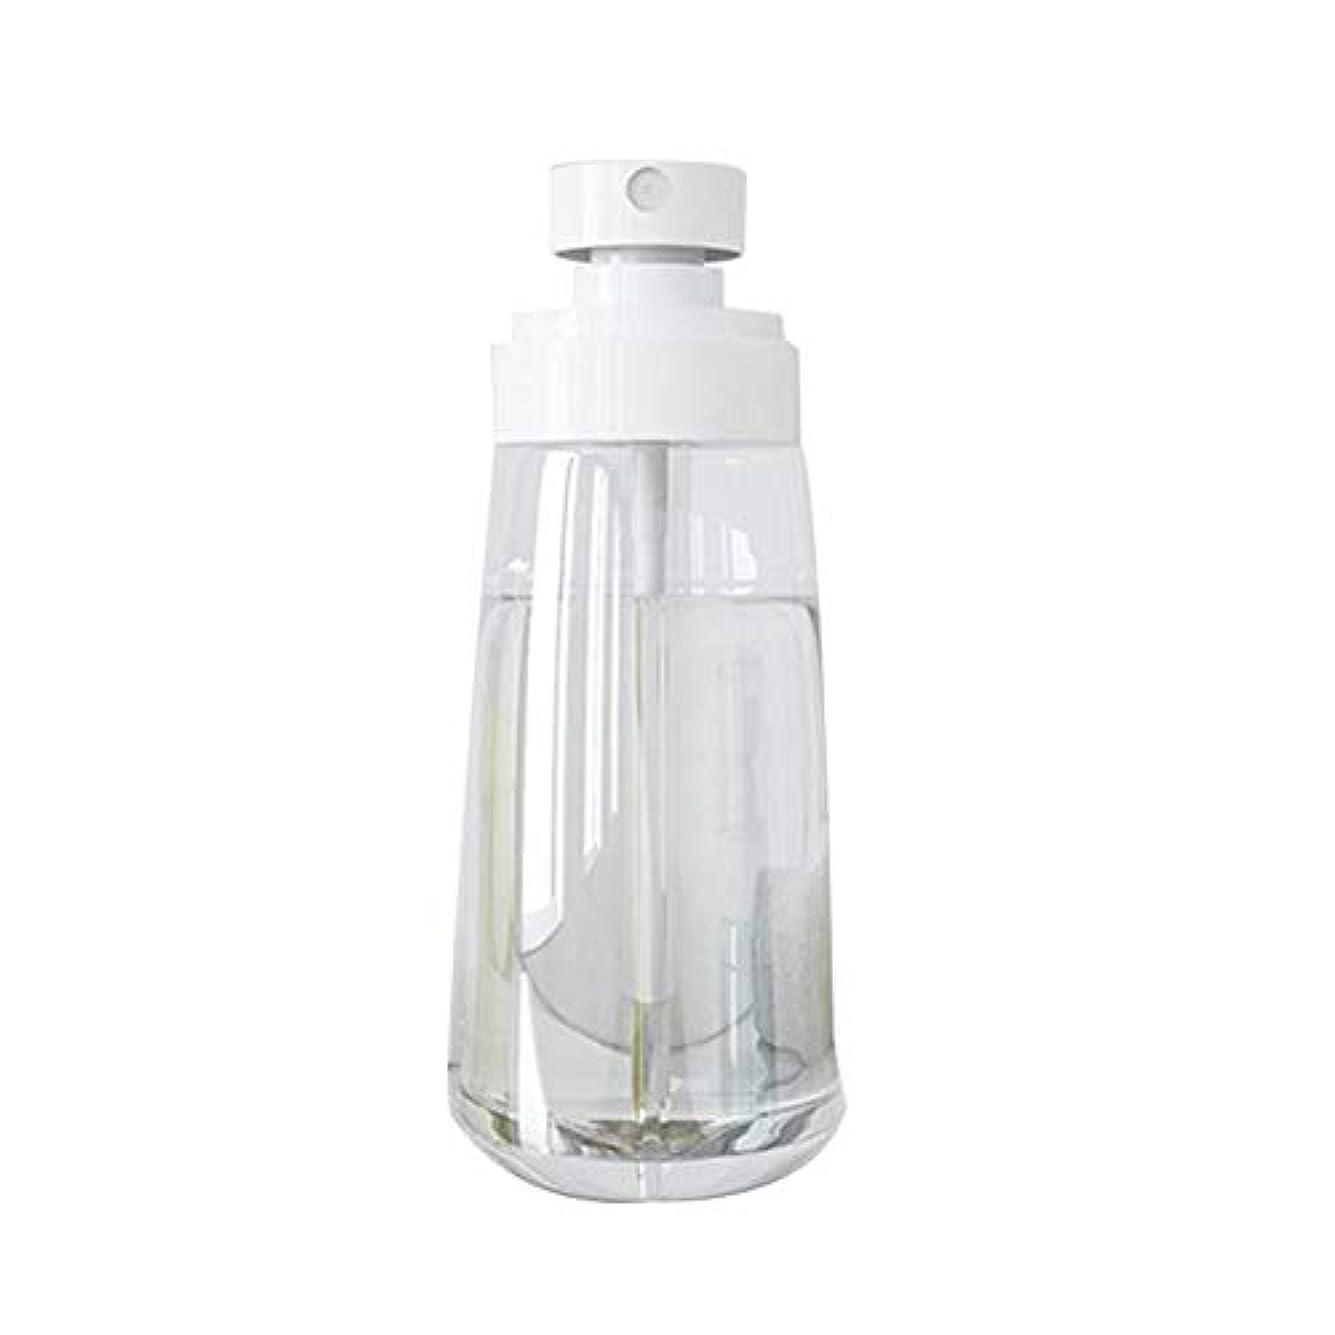 ペインアプライアンス借りるLUERME スプレーボルト 60ml PET製 化粧水の詰替用 極細のミストを噴霧する 旅行用の霧吹き 小分けの容器 アルコール消毒用 アトマイザー